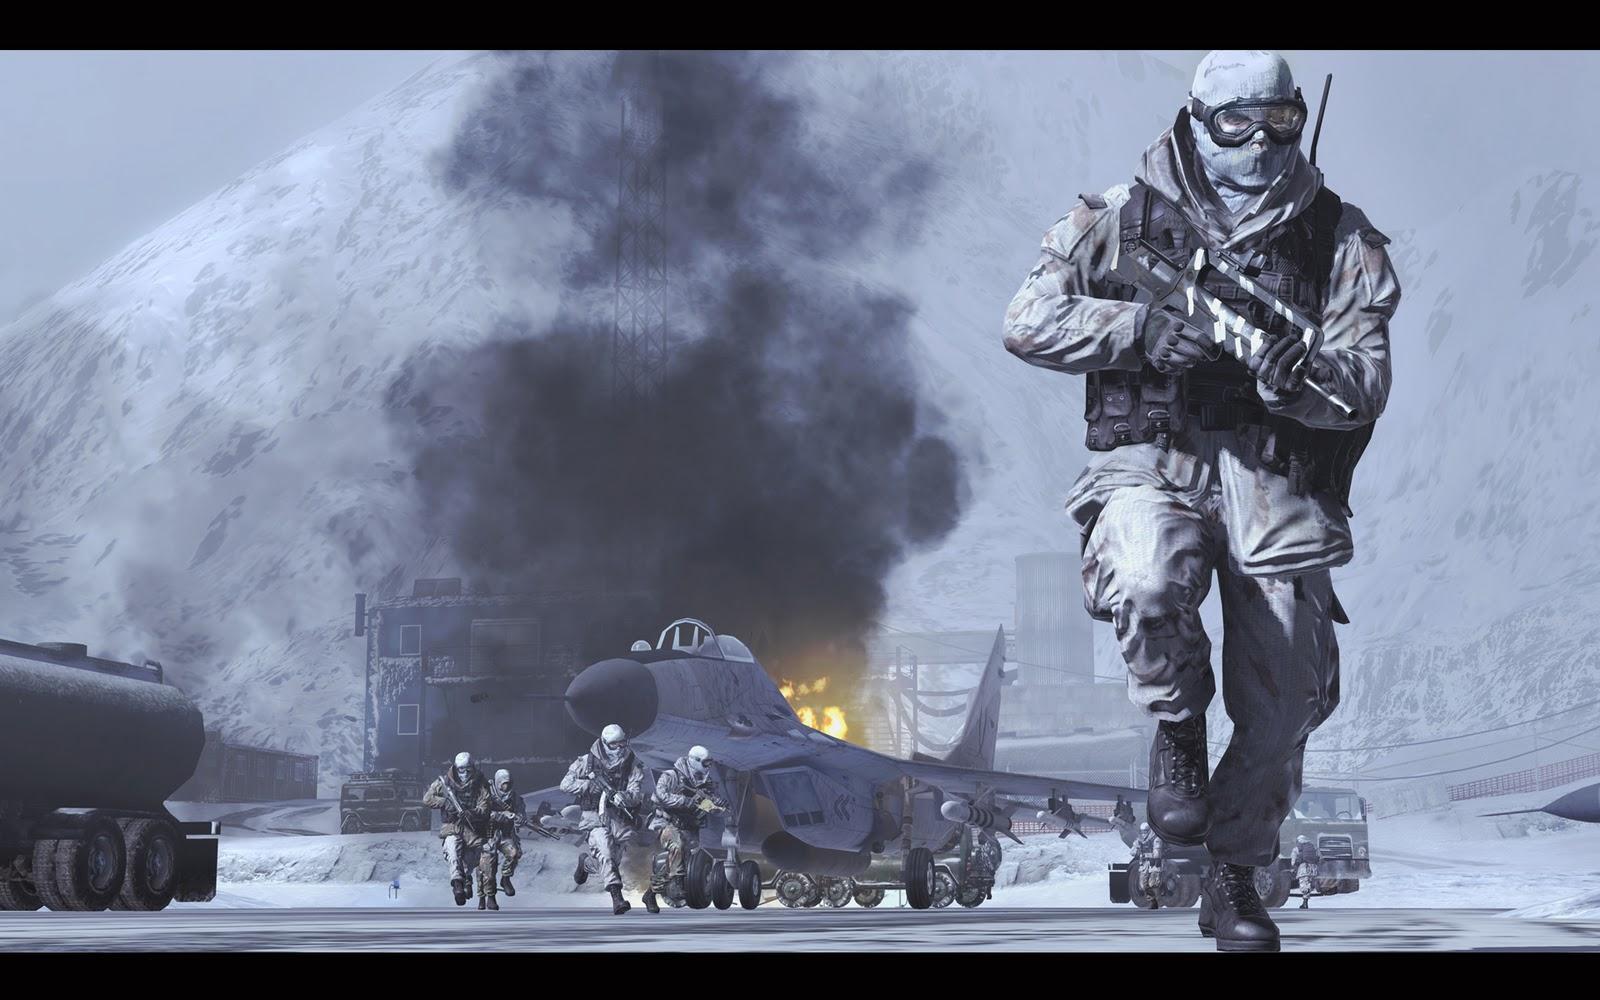 http://4.bp.blogspot.com/_Mqh06Ppl0k8/TSdg8pz60aI/AAAAAAAAABc/Fu3wAP3Q7Fg/s1600/modern-warfare-2-wallpaper-5-1920x1200%255B1%255D.jpg